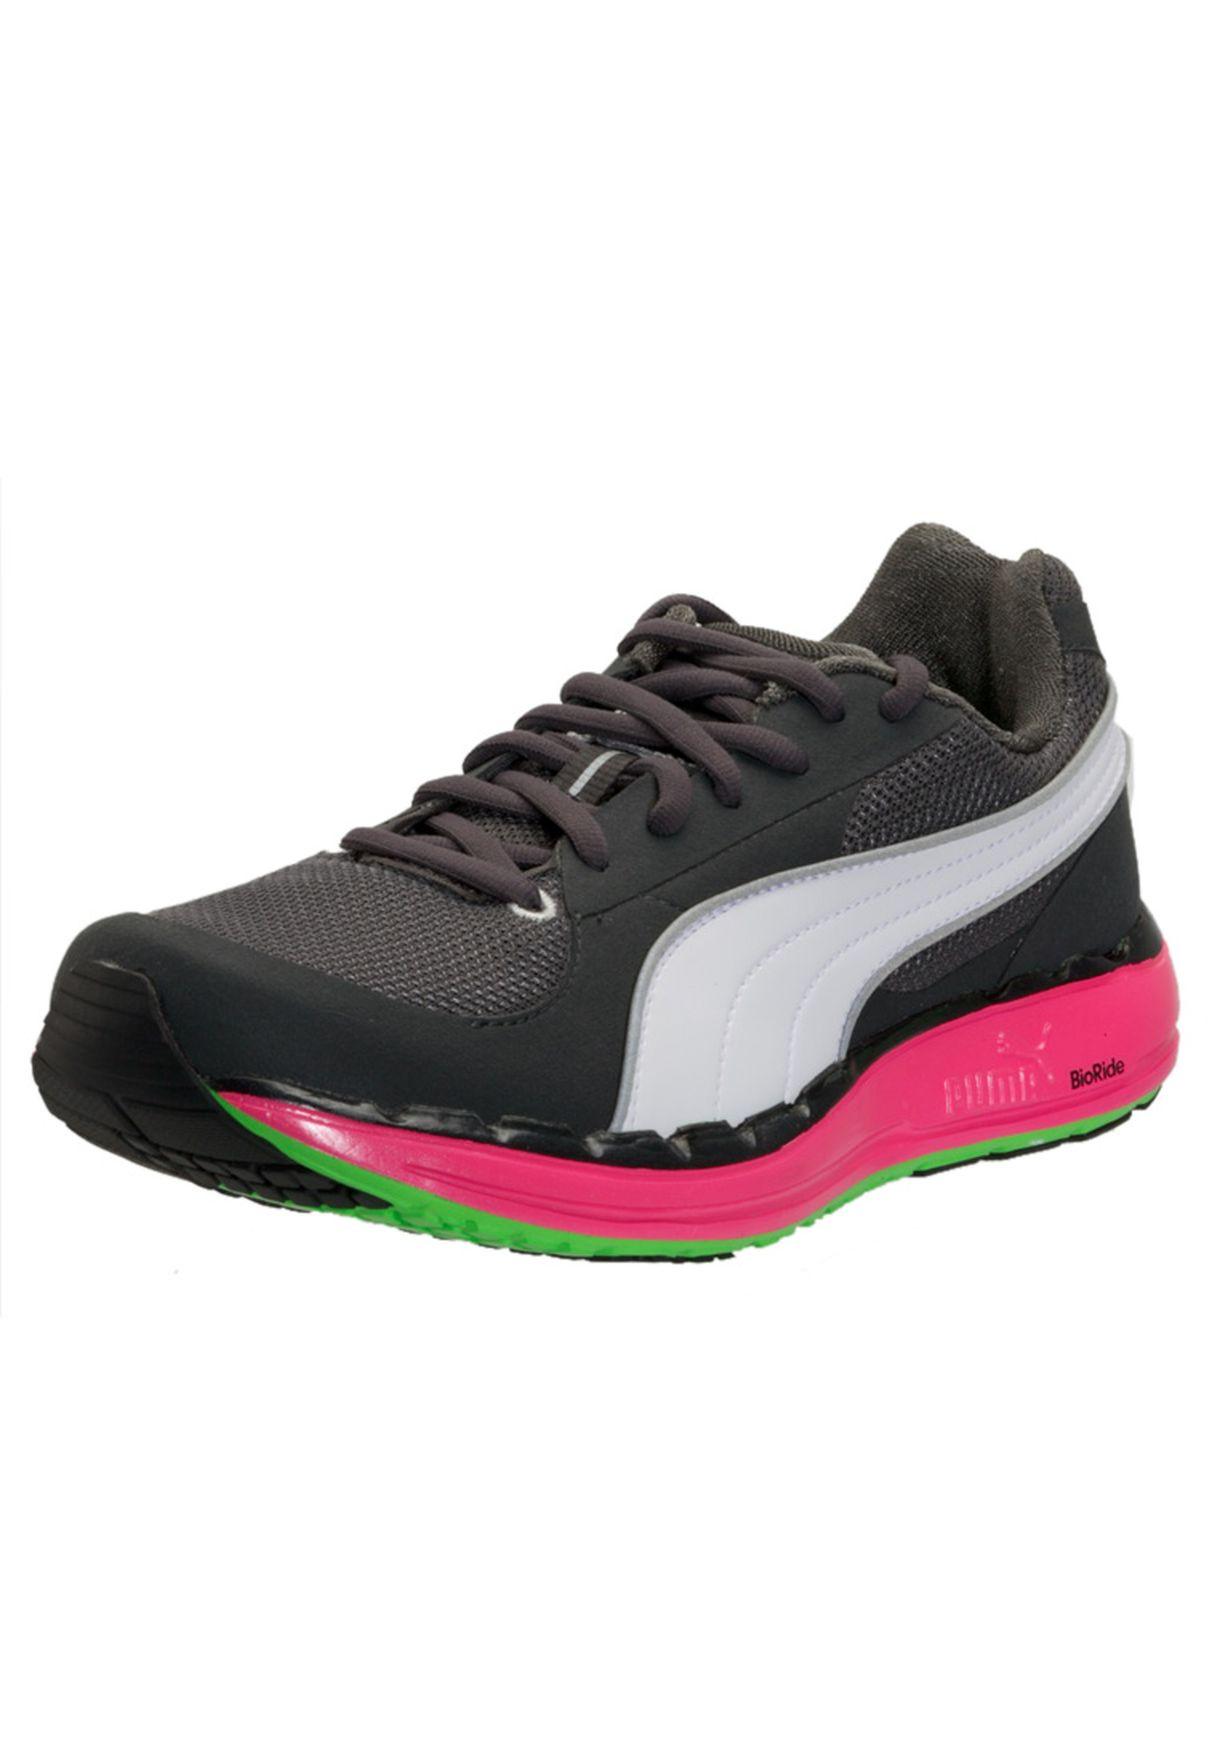 Shop PUMA black Casual Trainers 18516108 for Women in Qatar - PU020SH14YZL 5bddd4f1b